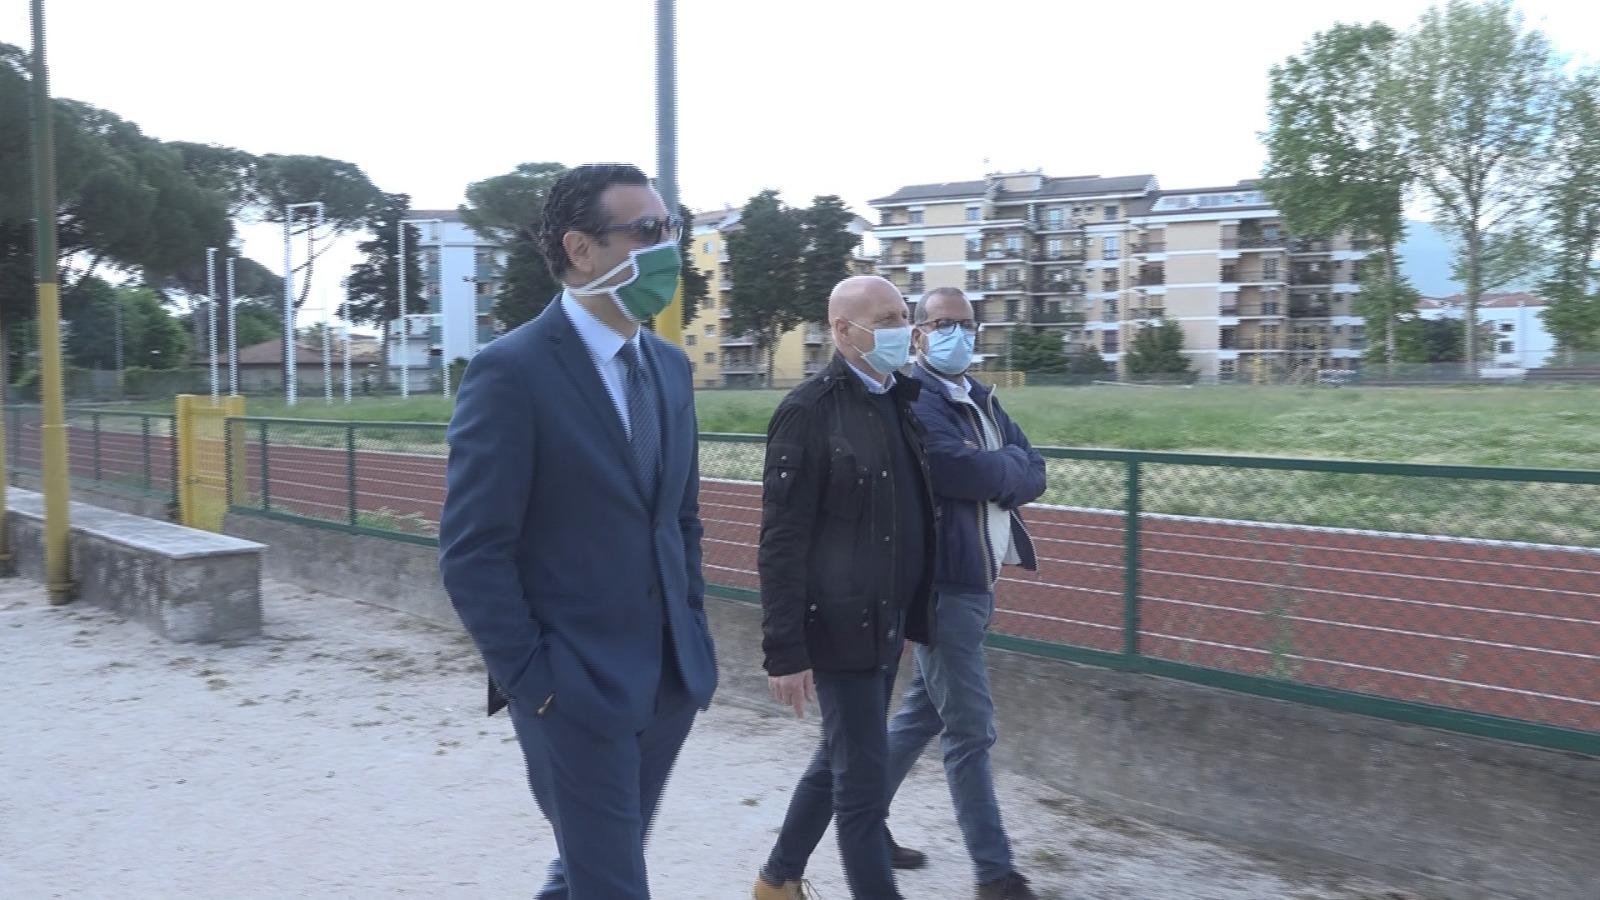 Avellino| Mercato, Festa: io avrei già aperto Campo Genova. Coni riaperto, ora tocca a Parco Santo Spirito